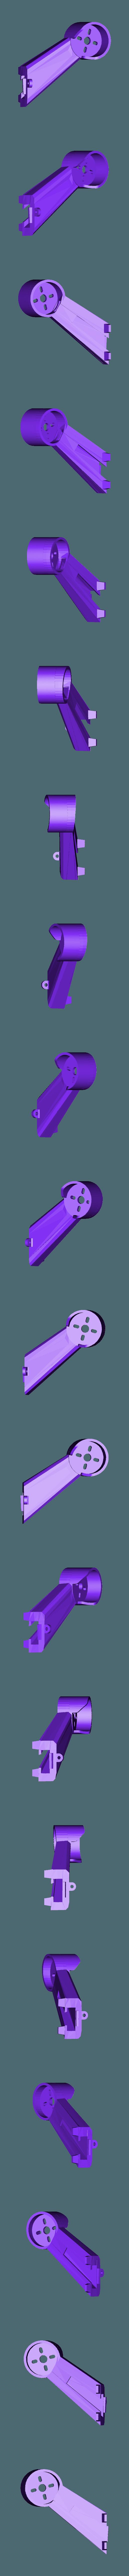 Sp_drone_arm_back_left.stl Télécharger fichier STL gratuit Drone Sprank (bourdon de course avec cardan à came) • Objet pour impression 3D, mwilmars